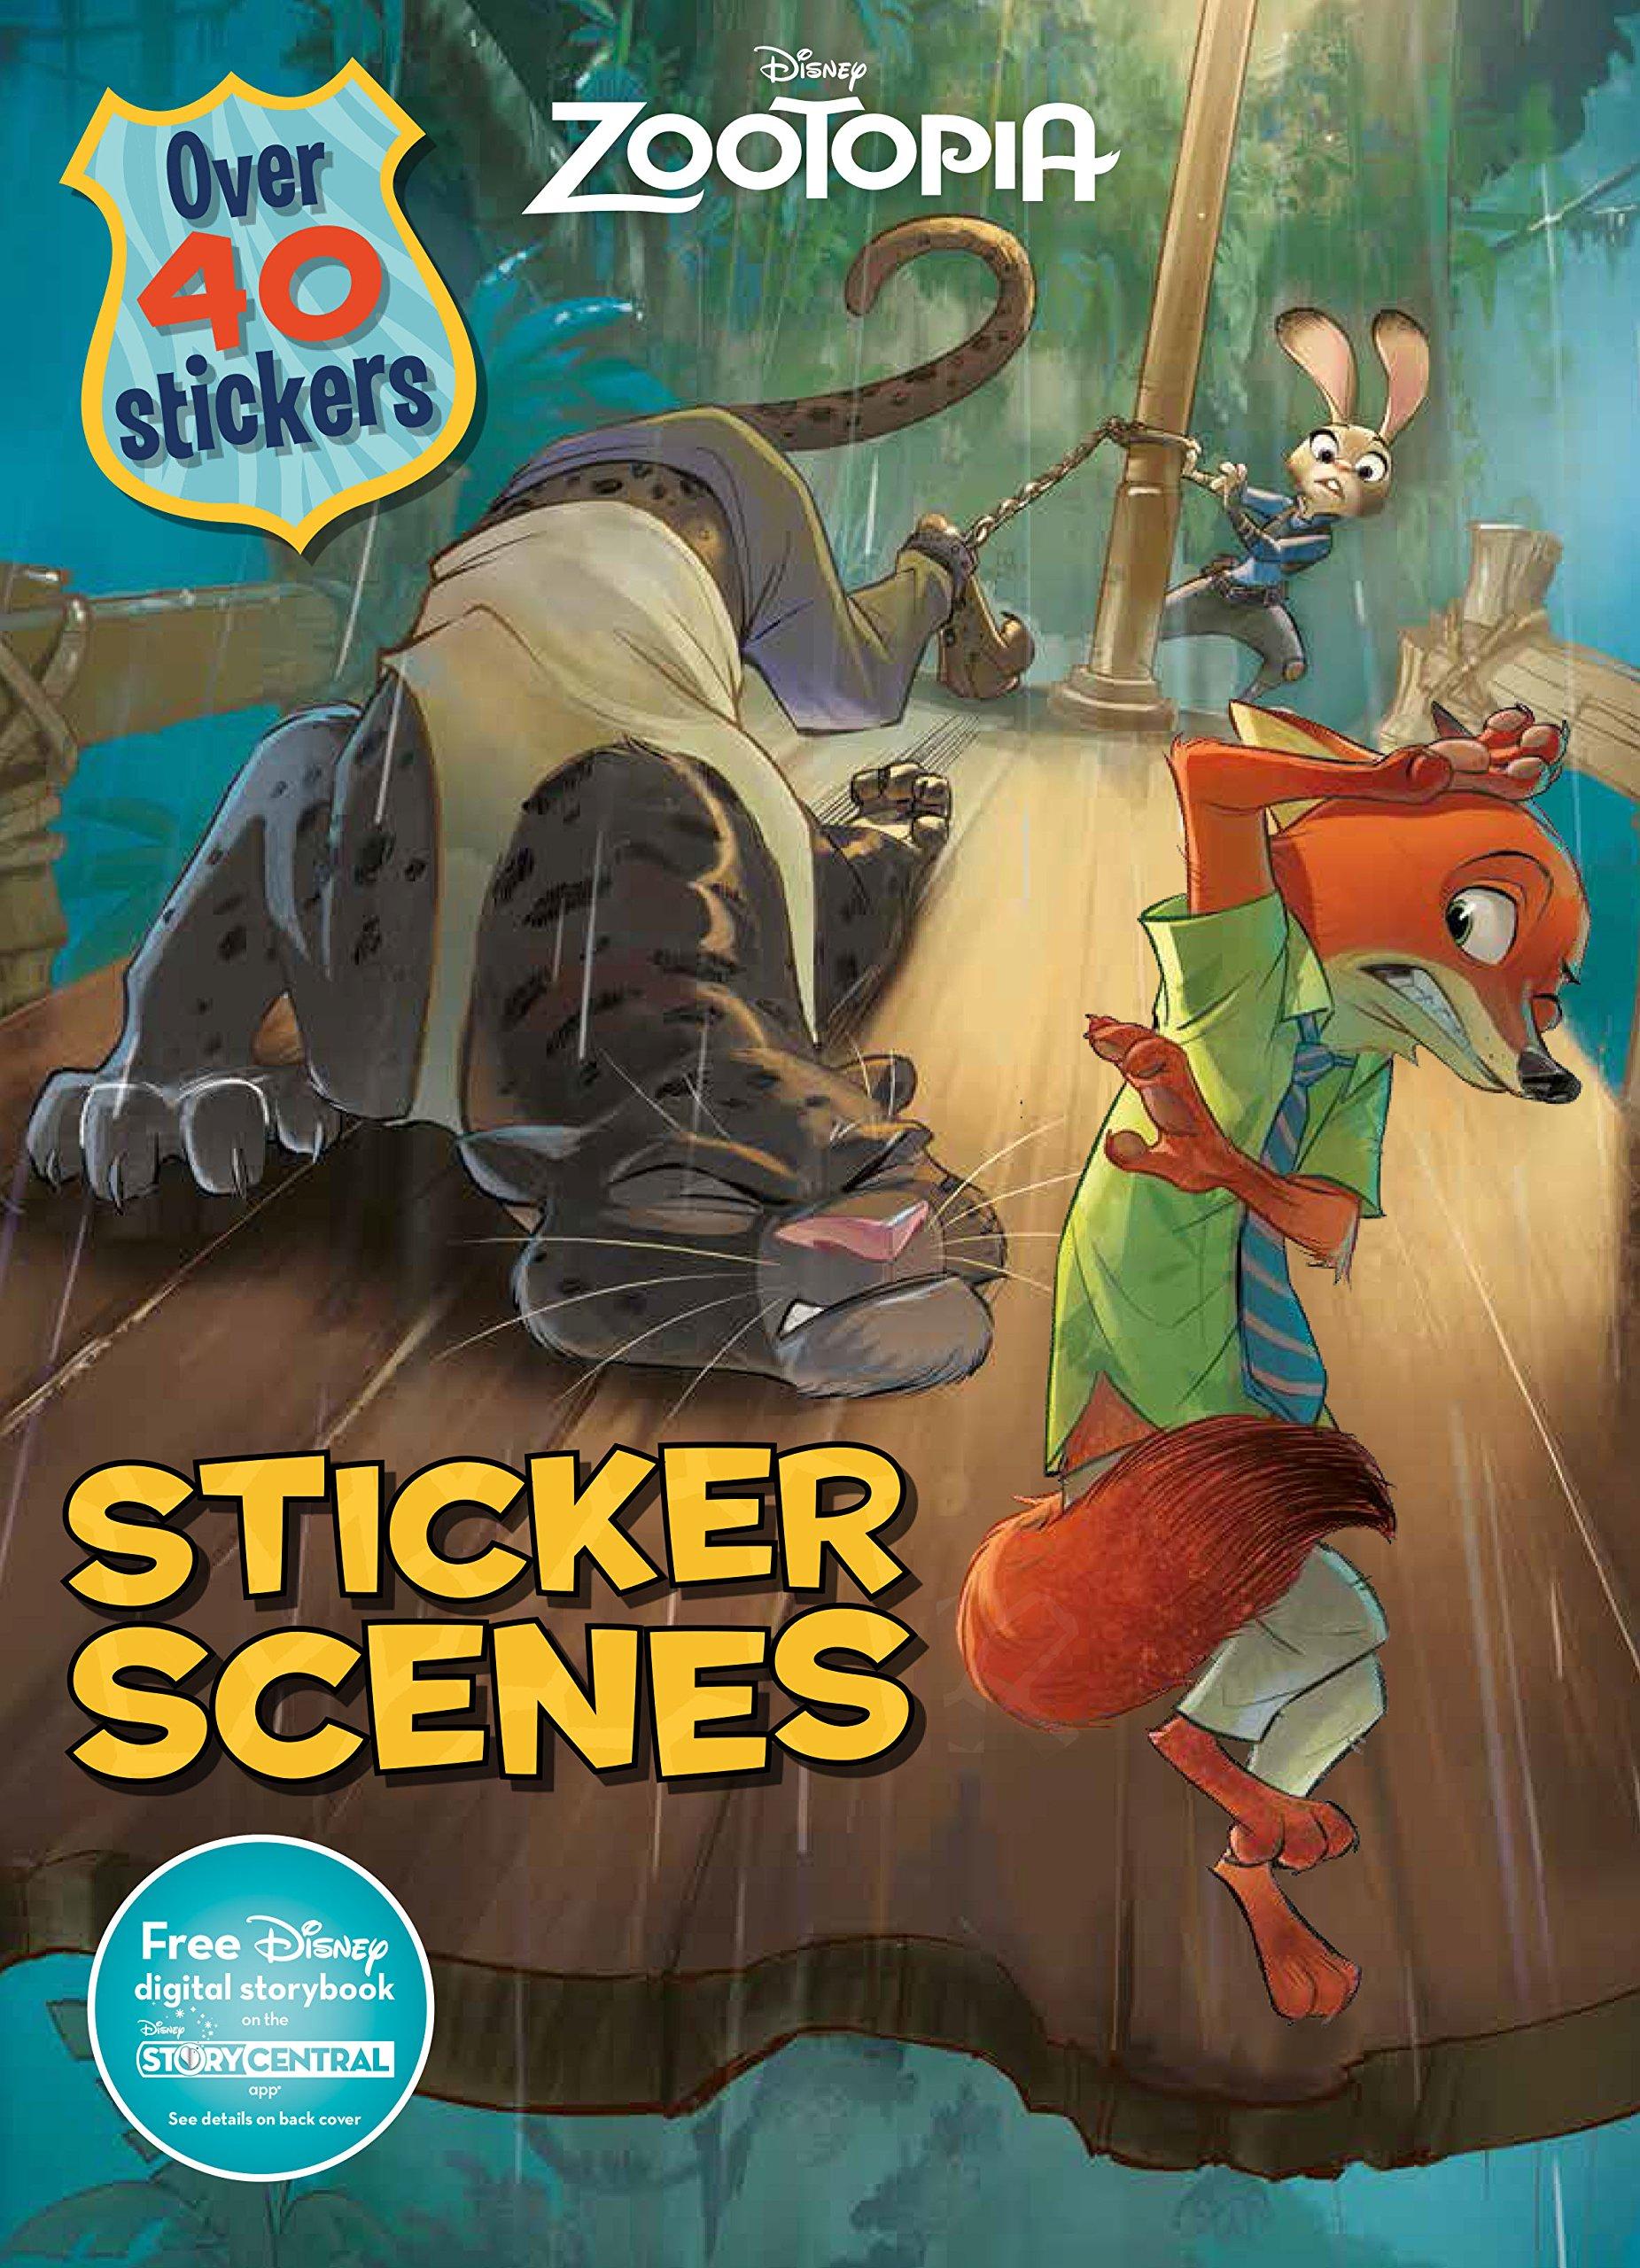 Disney Zootopia Sticker Scenes Parragon Books Ltd 9781474821582 Amazon Com Books